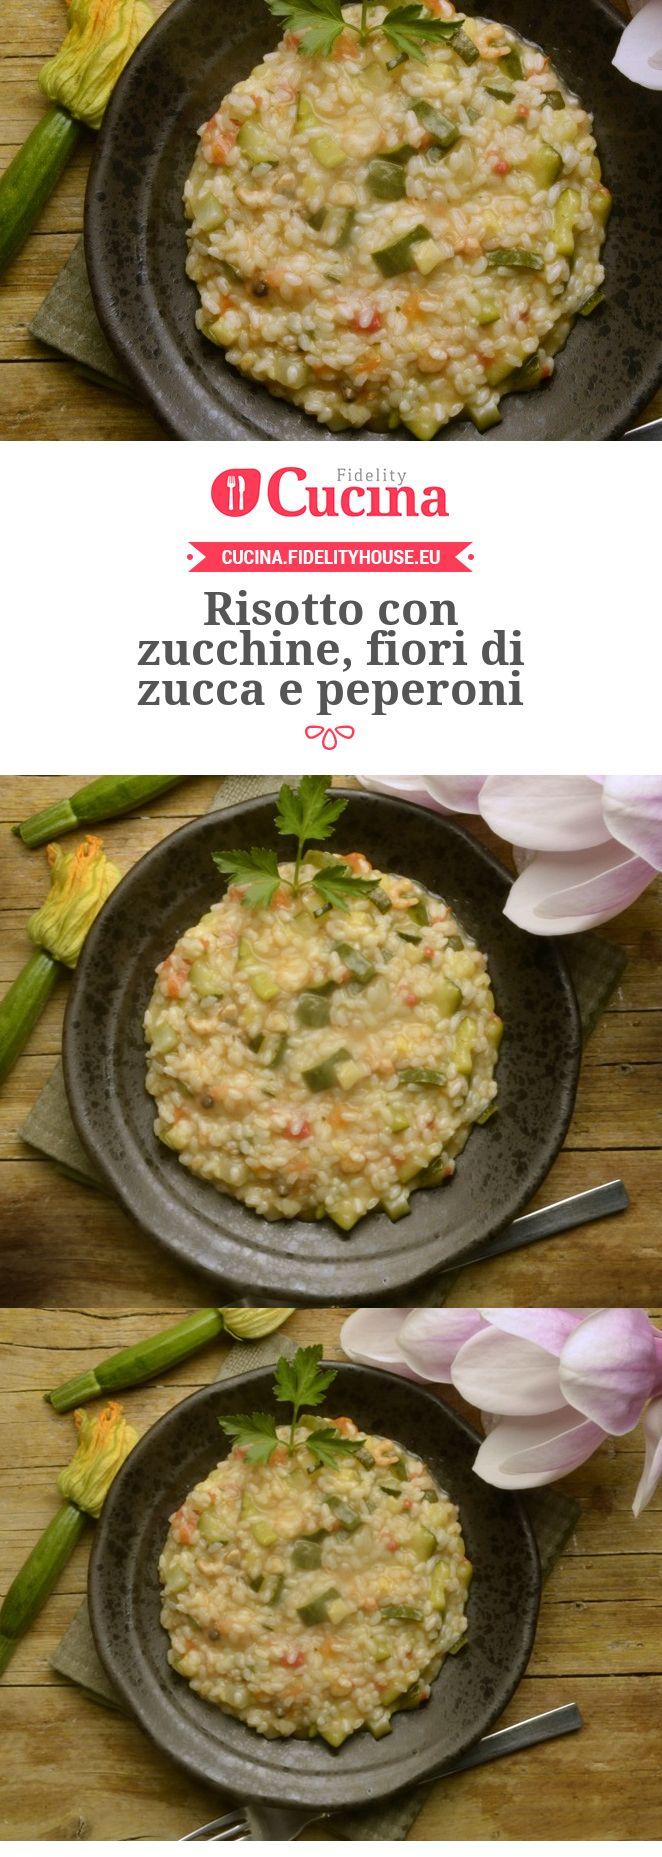 #Risotto con #zucchine, fiori di zucca e #peperoni